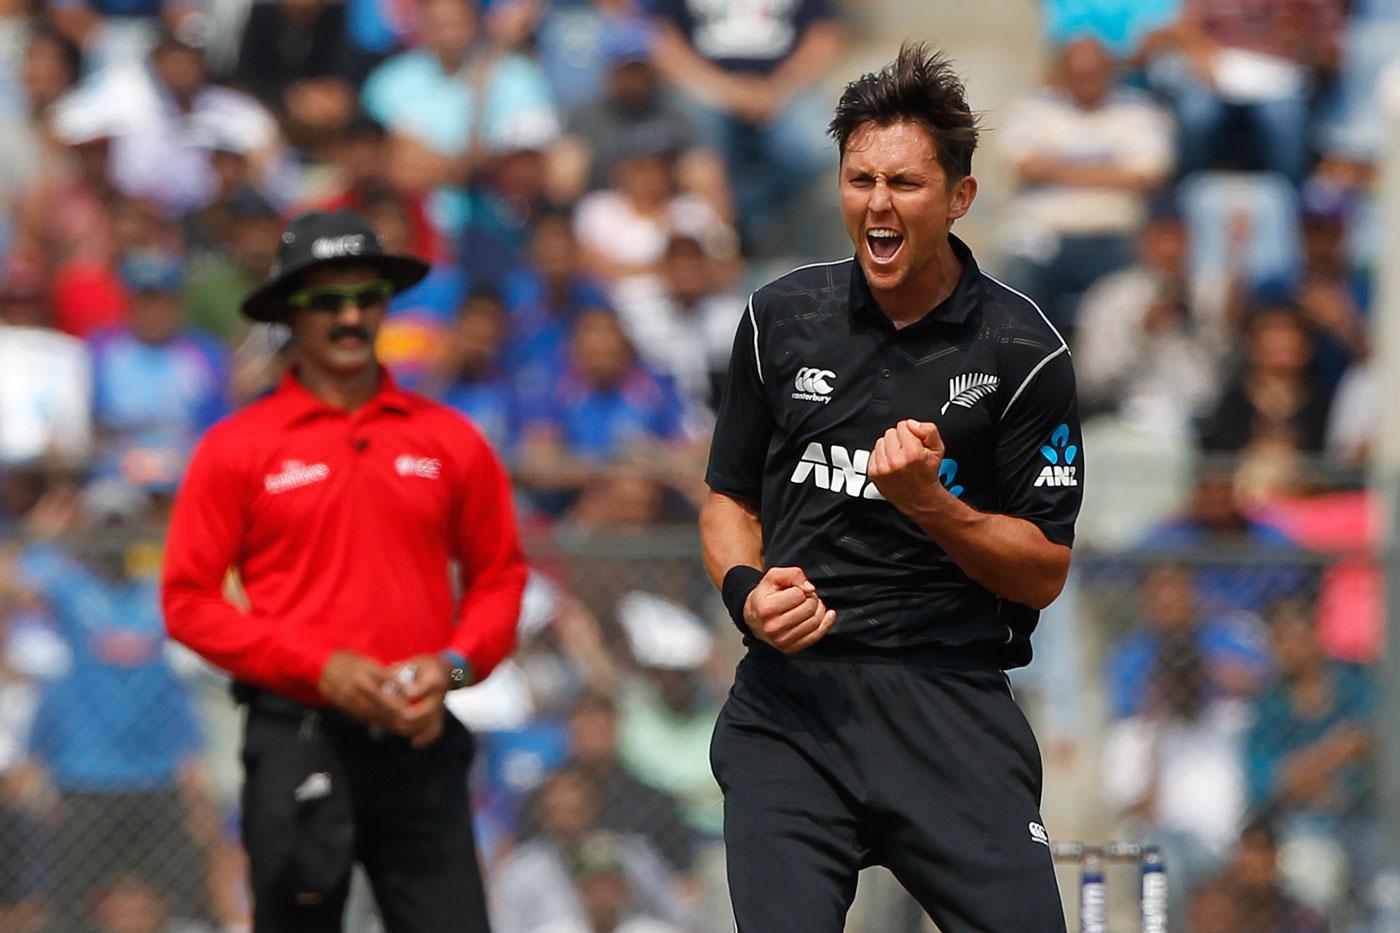 India vs New Zealand 2nd ODI: Tourists Bat First, Axar Patel Returns 1